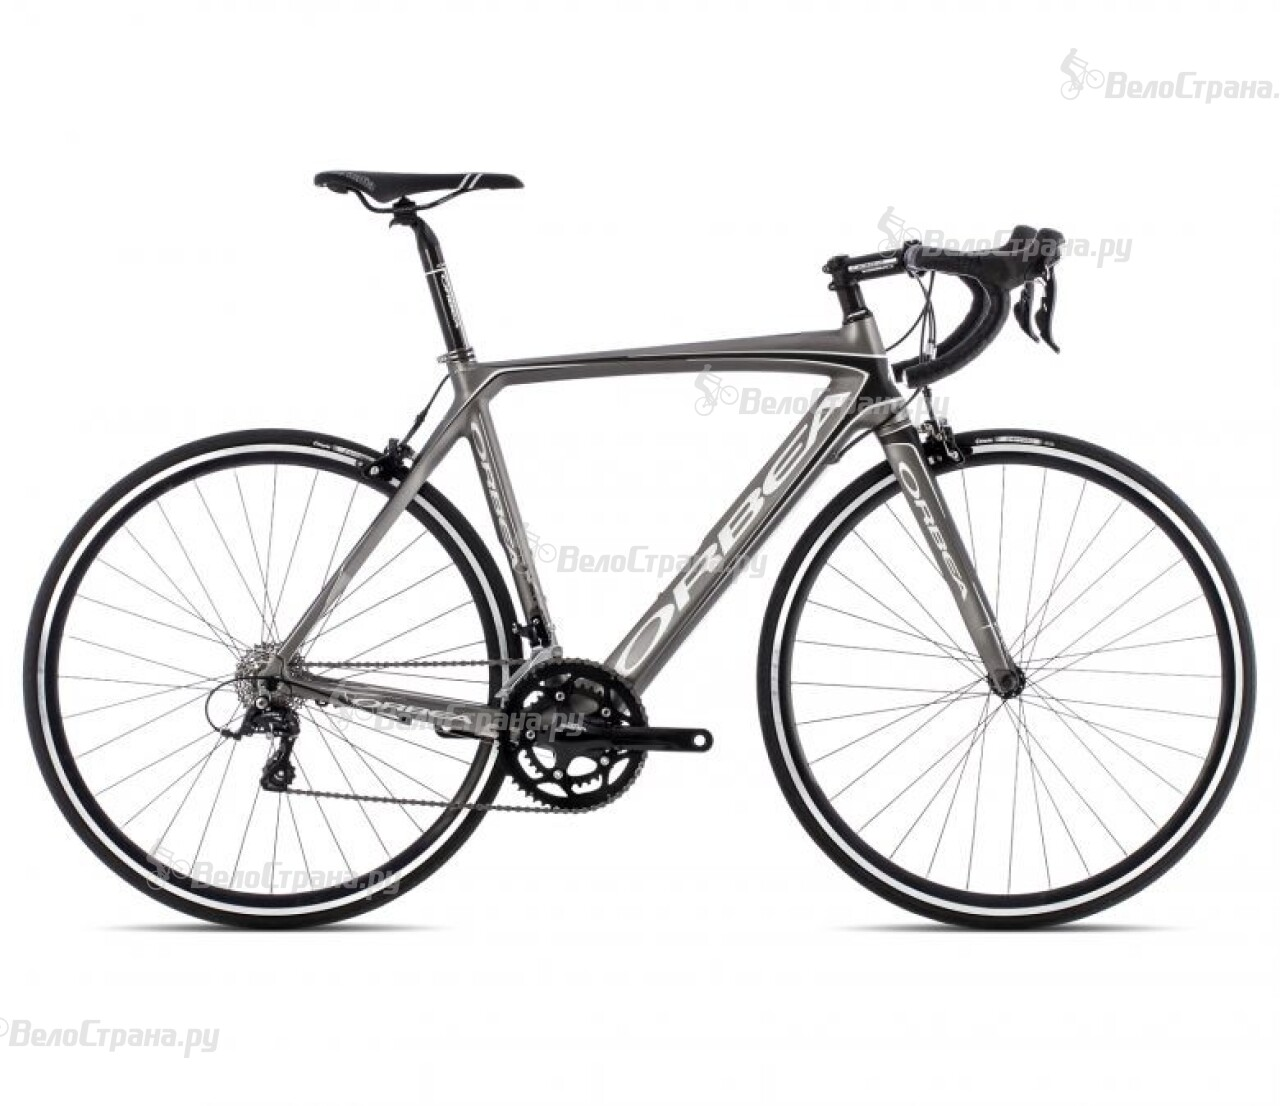 Велосипед Orbea Orca B M50 (2014) велосипед orbea orca dama gth 2013